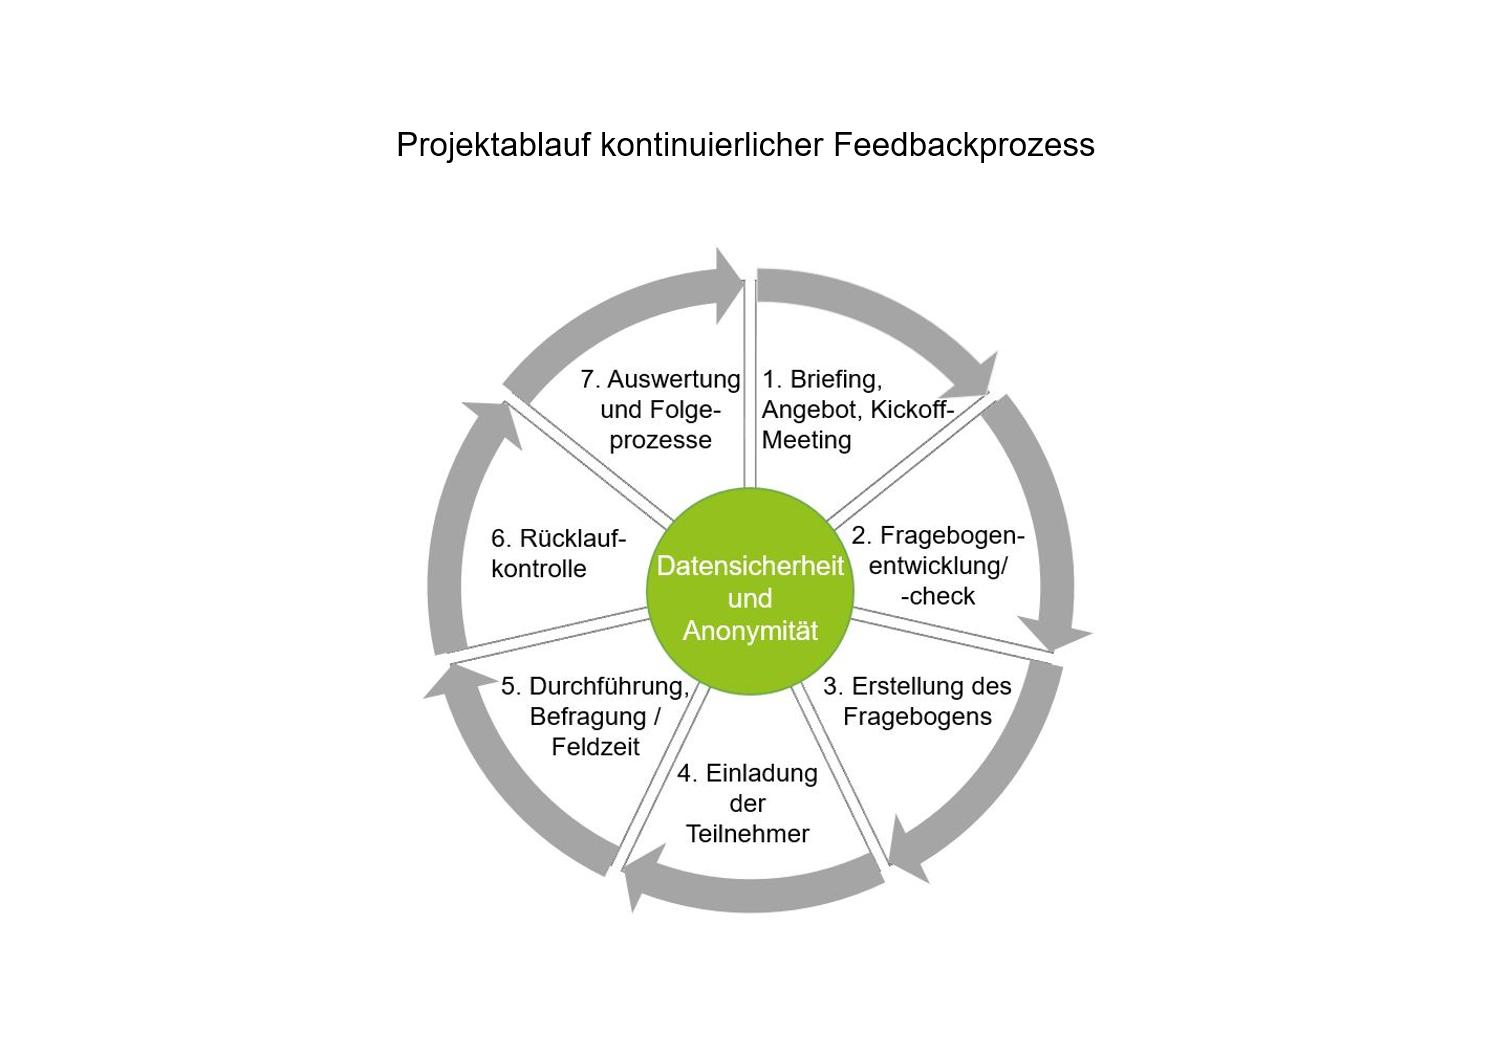 Projektablauf kontinuierliche Feedbackprozesse Diagramm